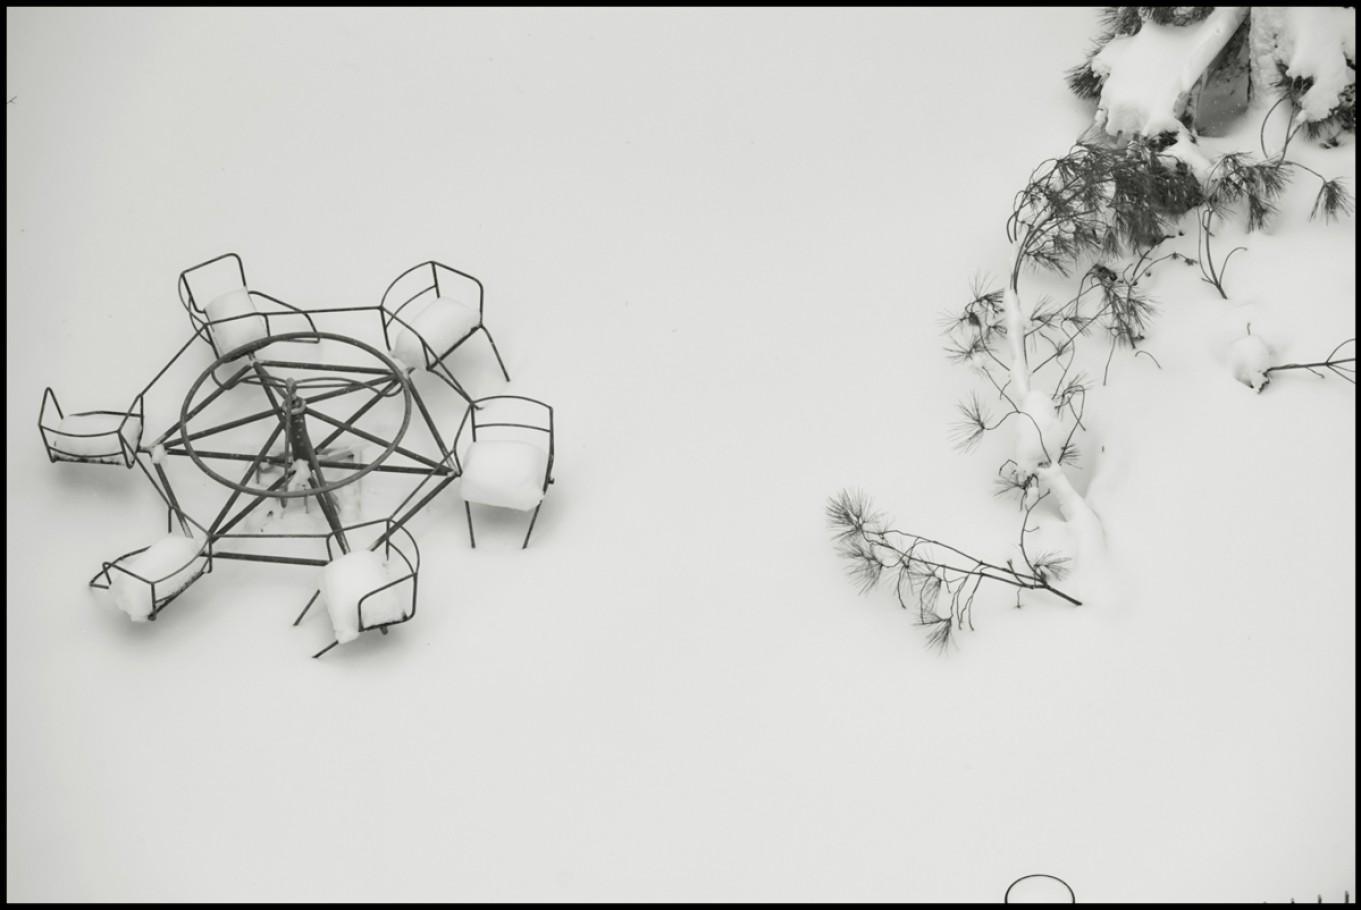 4 febbraio 2012, giardino su via Gramsci